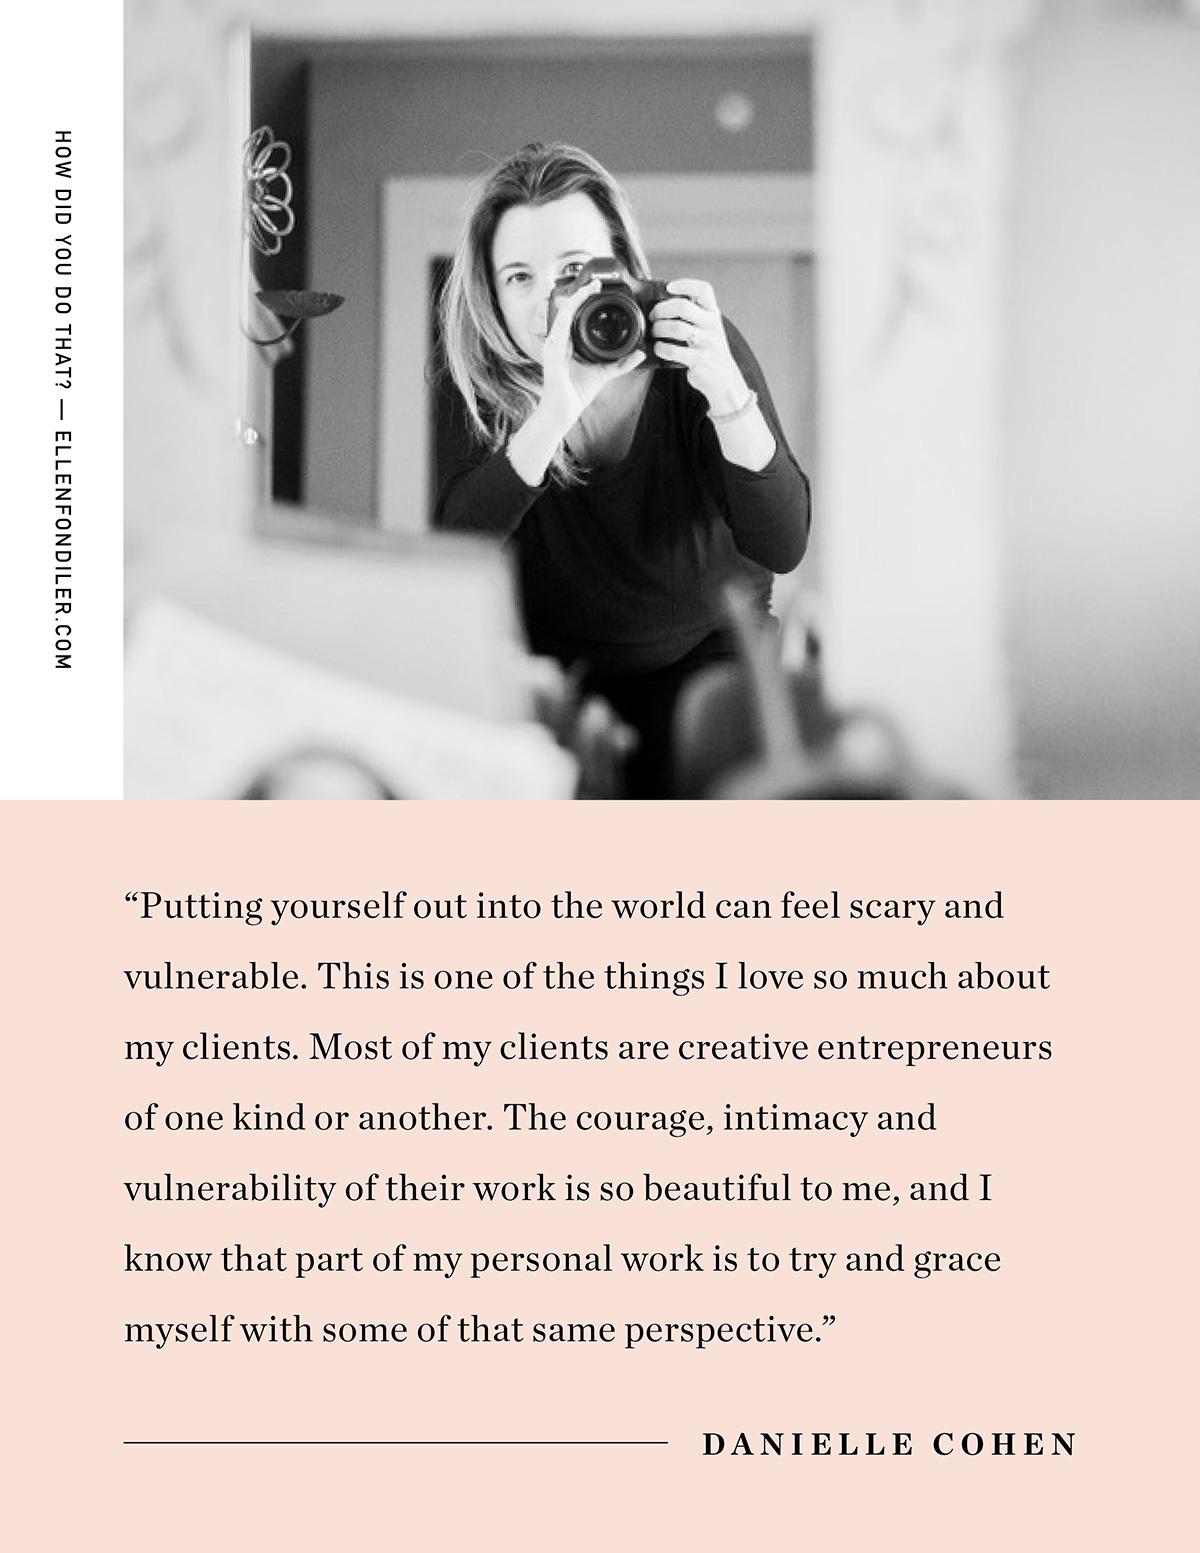 Ellen Fondiler | An Interview With Danielle Cohen